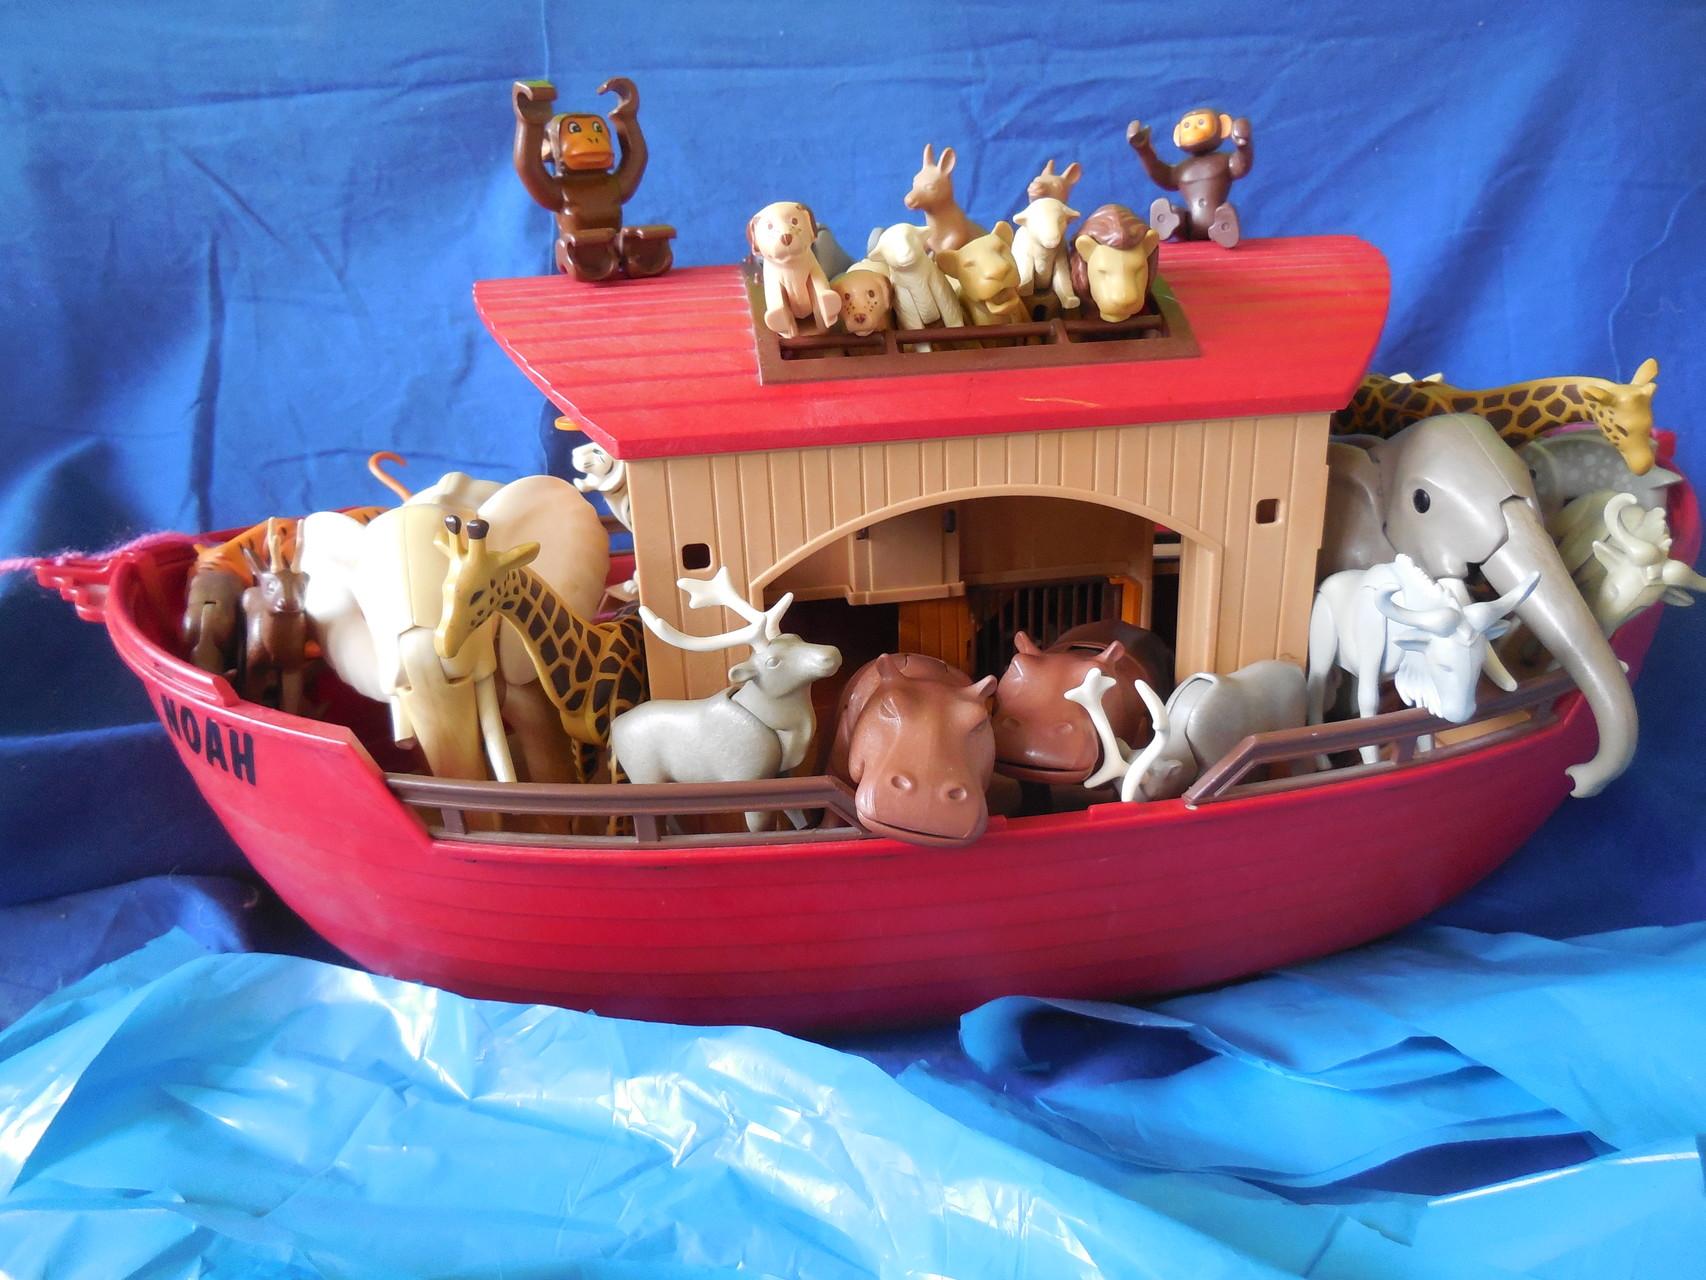 Könnten diese Tiere auch heute so nebeneinander auf einem Schiff stehen?